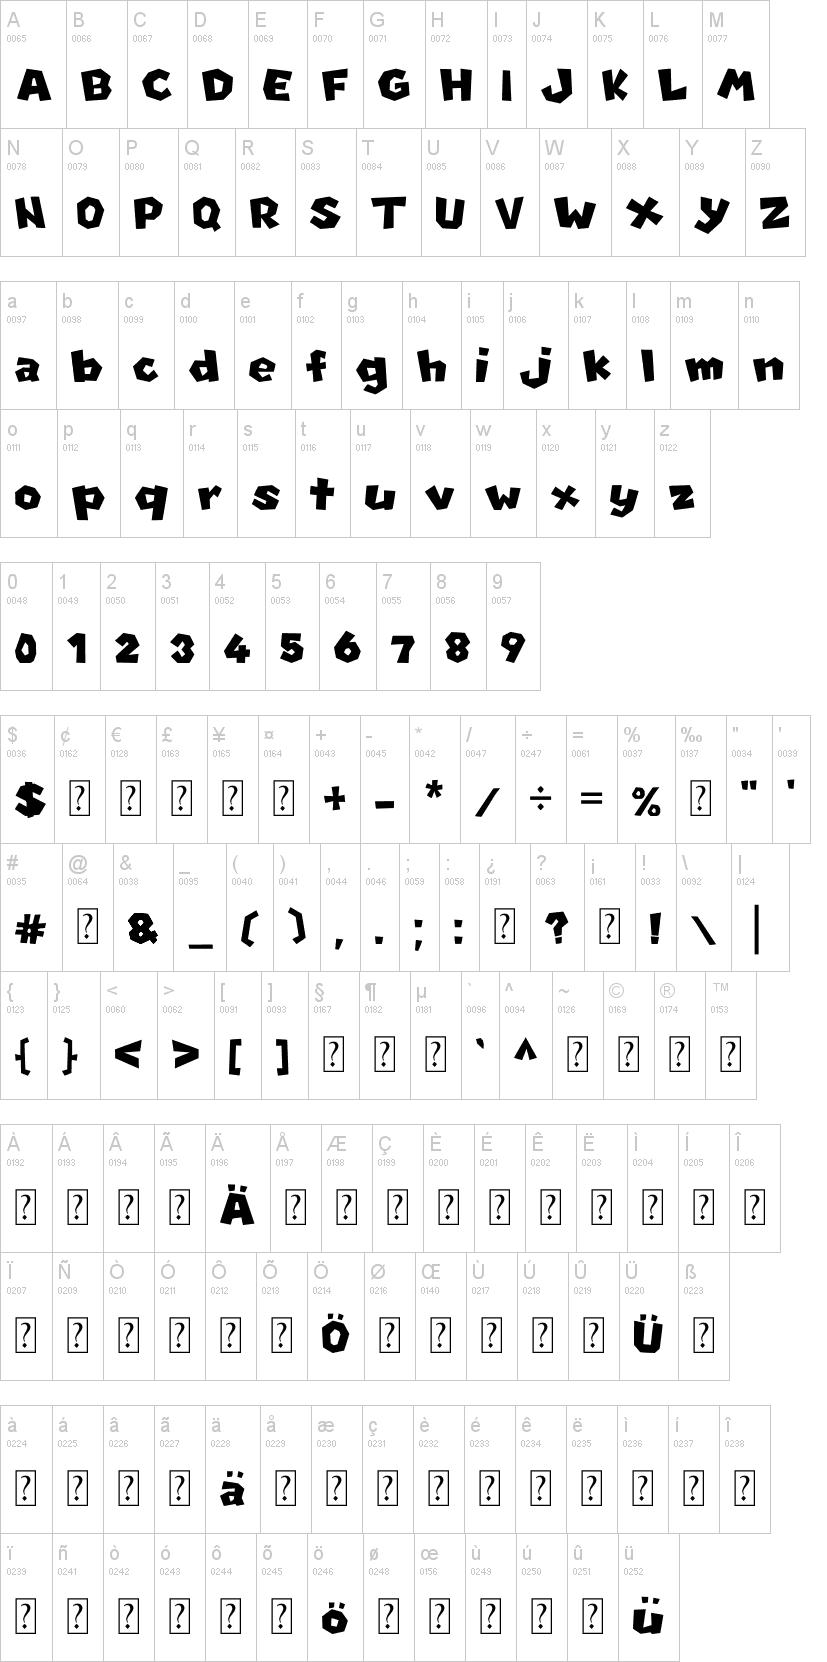 New Super Mario Font U | dafont com